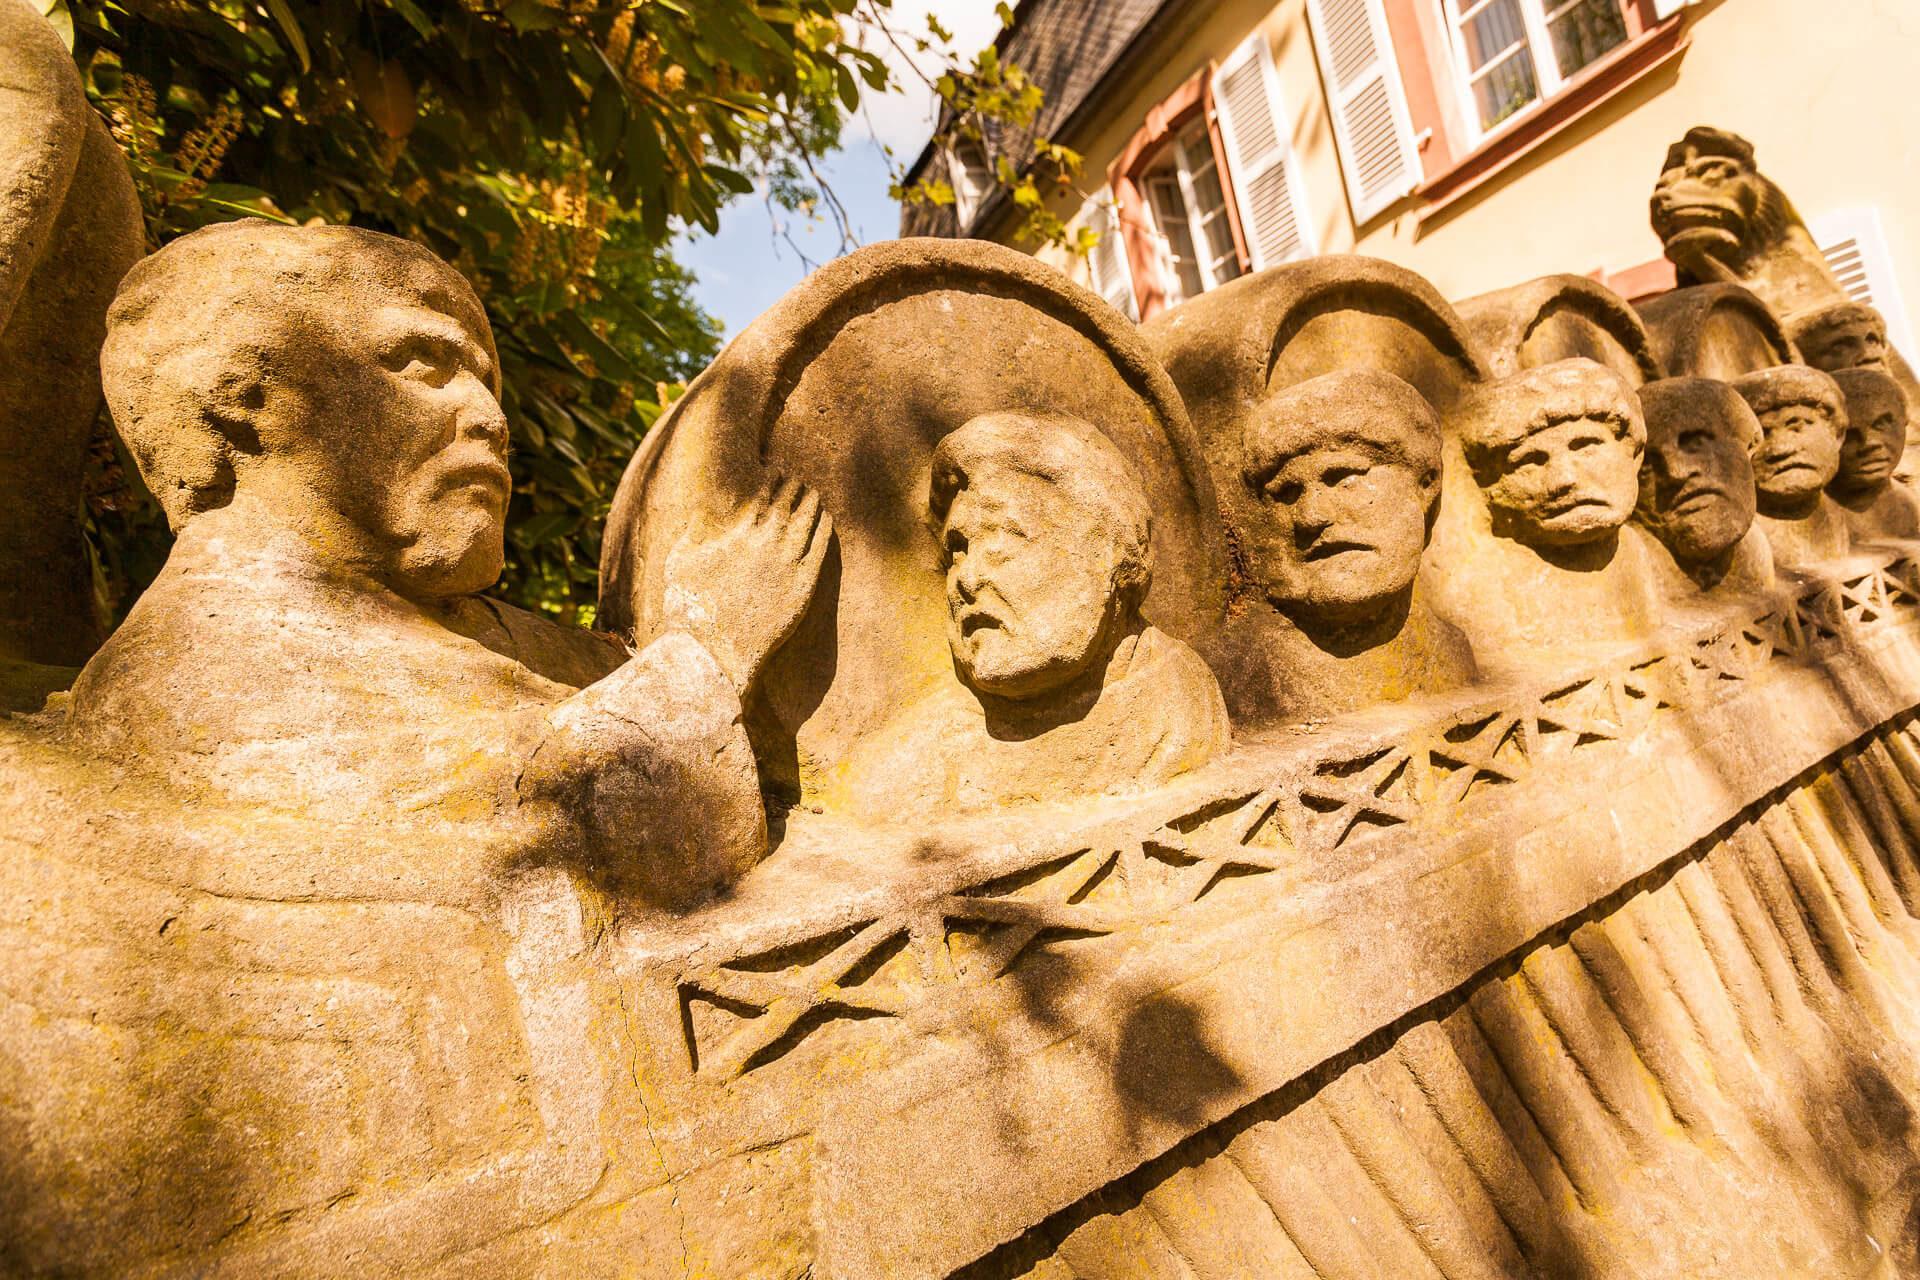 Römerweinschiff. Grabmal eines Weinhändlers aus römischer Zeit.